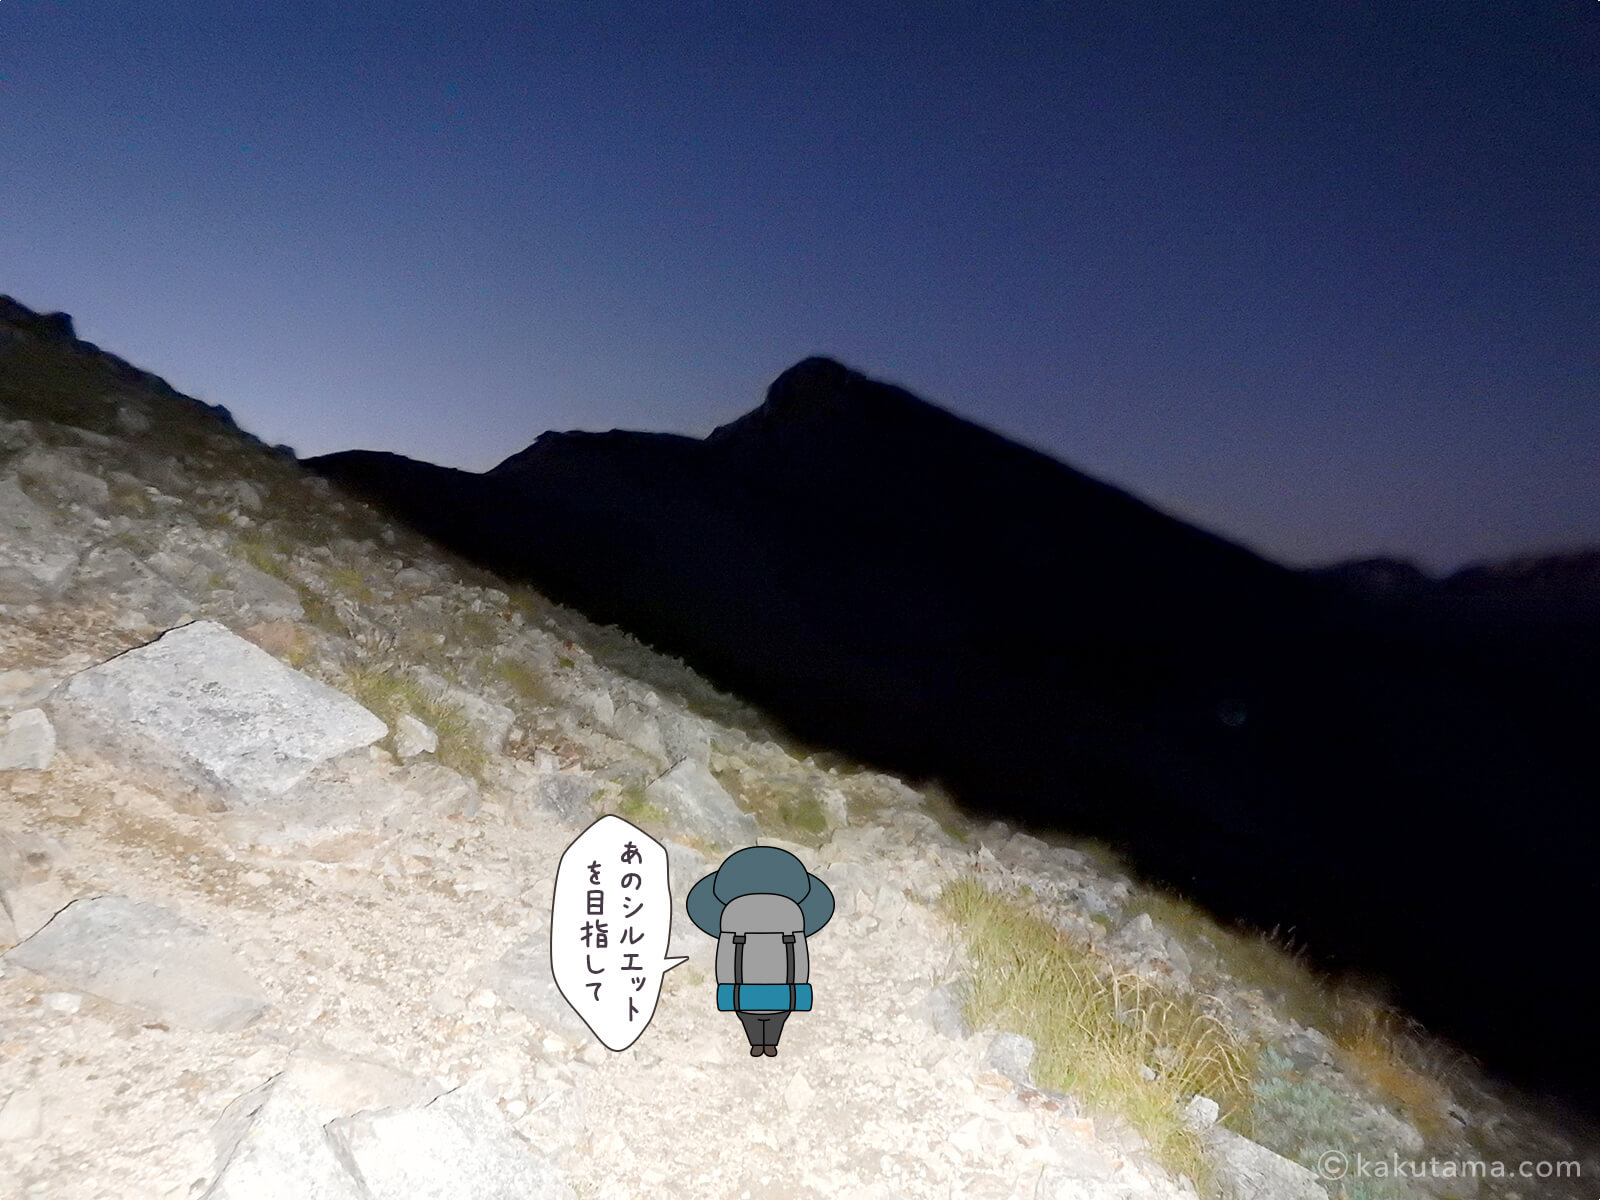 鷲羽岳へ向かって進む